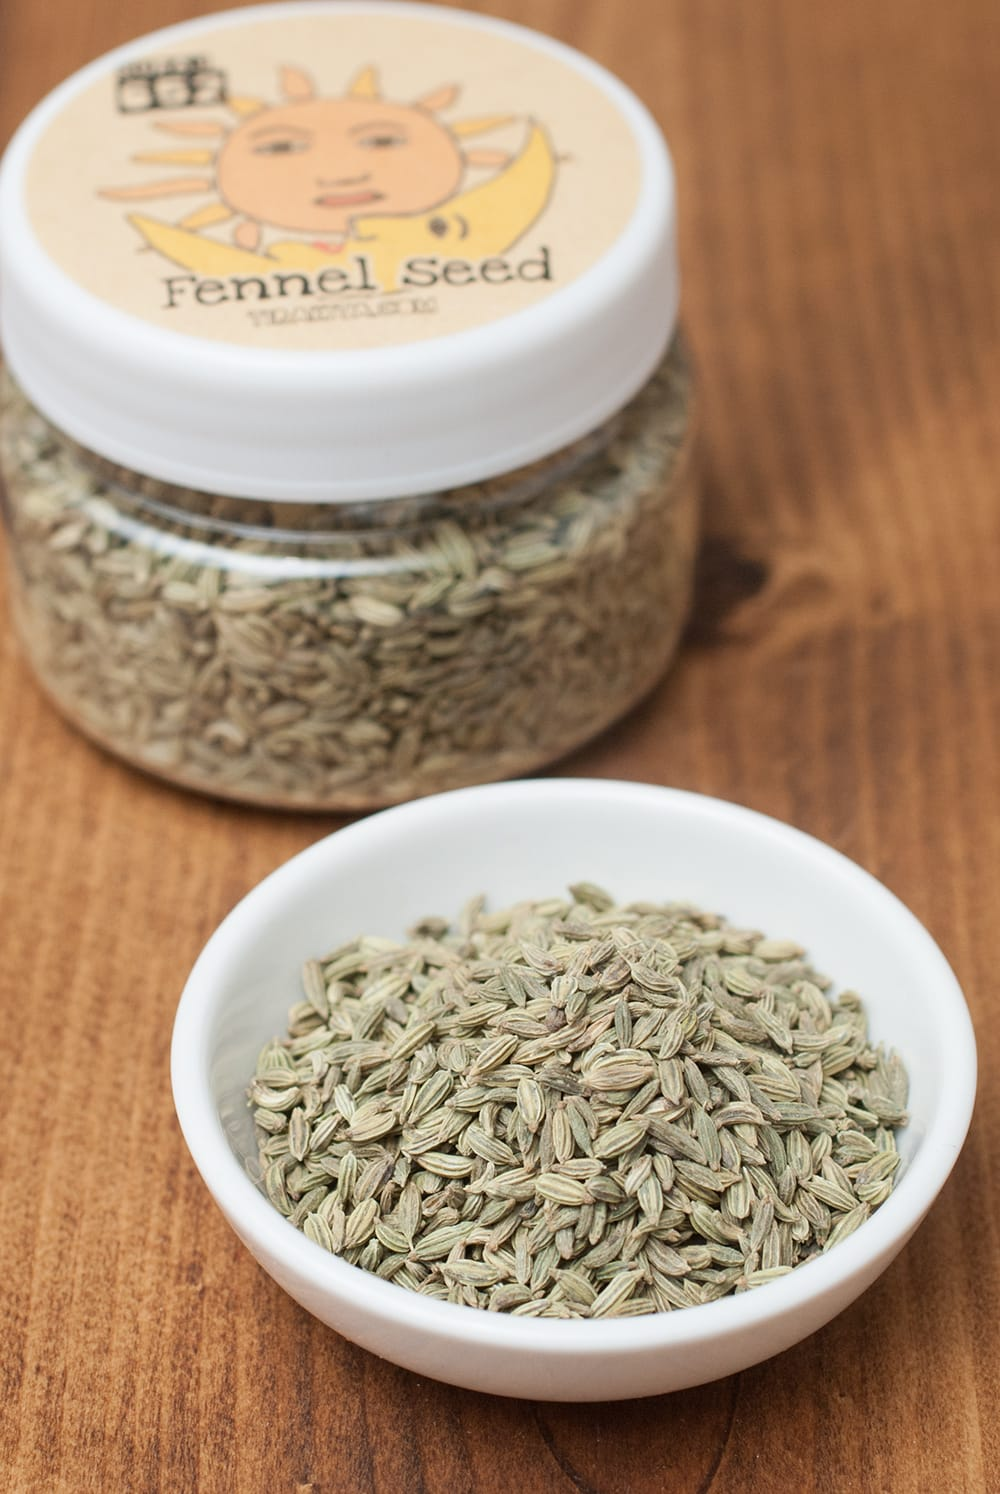 フェンネル シード - Fennel Seed 【30g ボトル】の写真